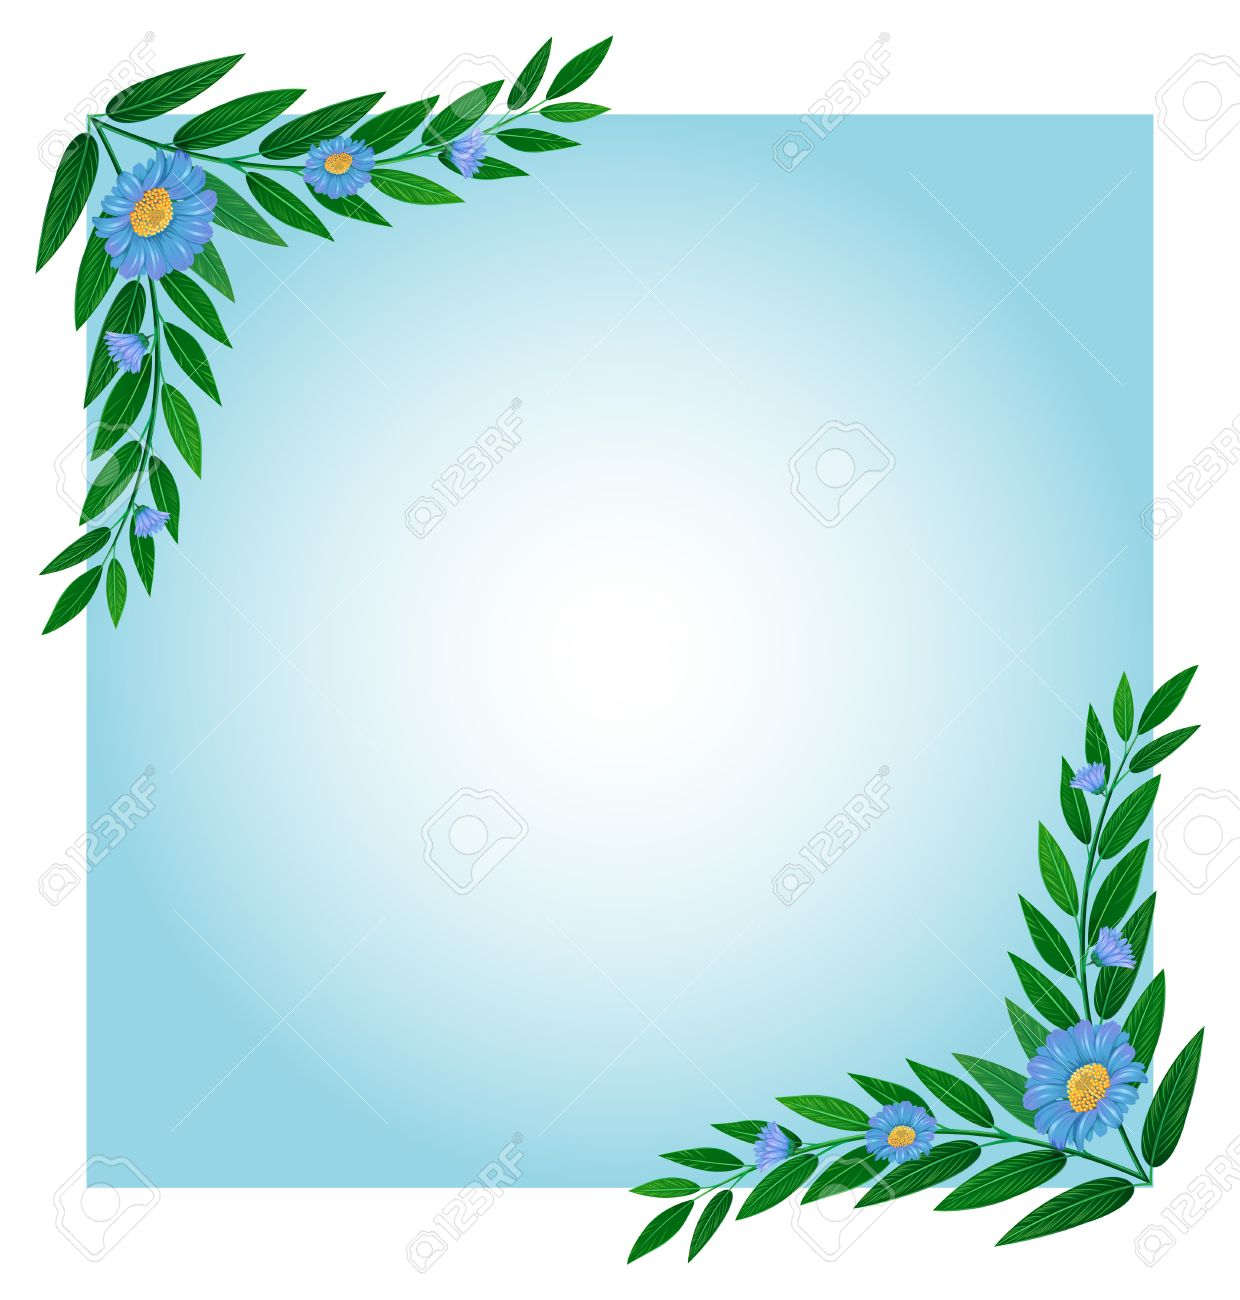 Illustration Einer Vorlage Mit Grünen Und Blauen Grenzen Auf Weißem ...